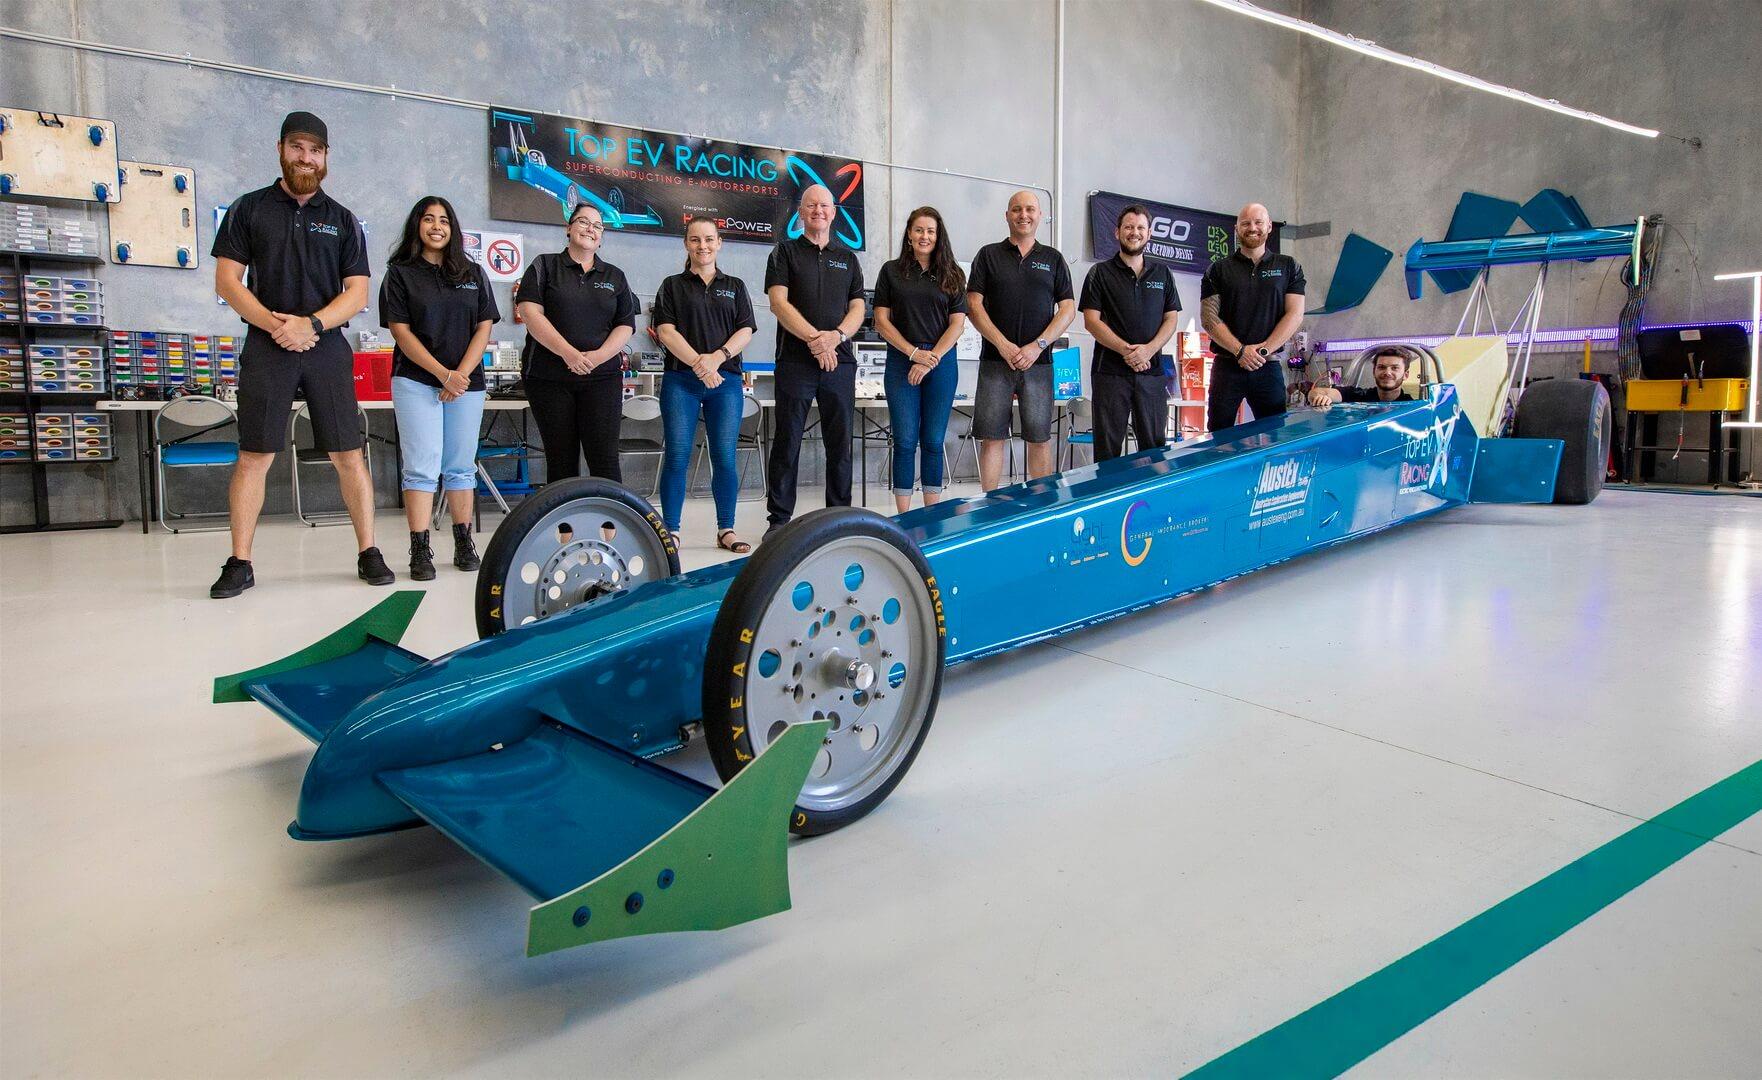 HyperPower объединилась с Top EV Racing и создала дрэгстер с четырьмя моторами QFM-360-X общей мощностью 5360 л.с. или 4000 кВт